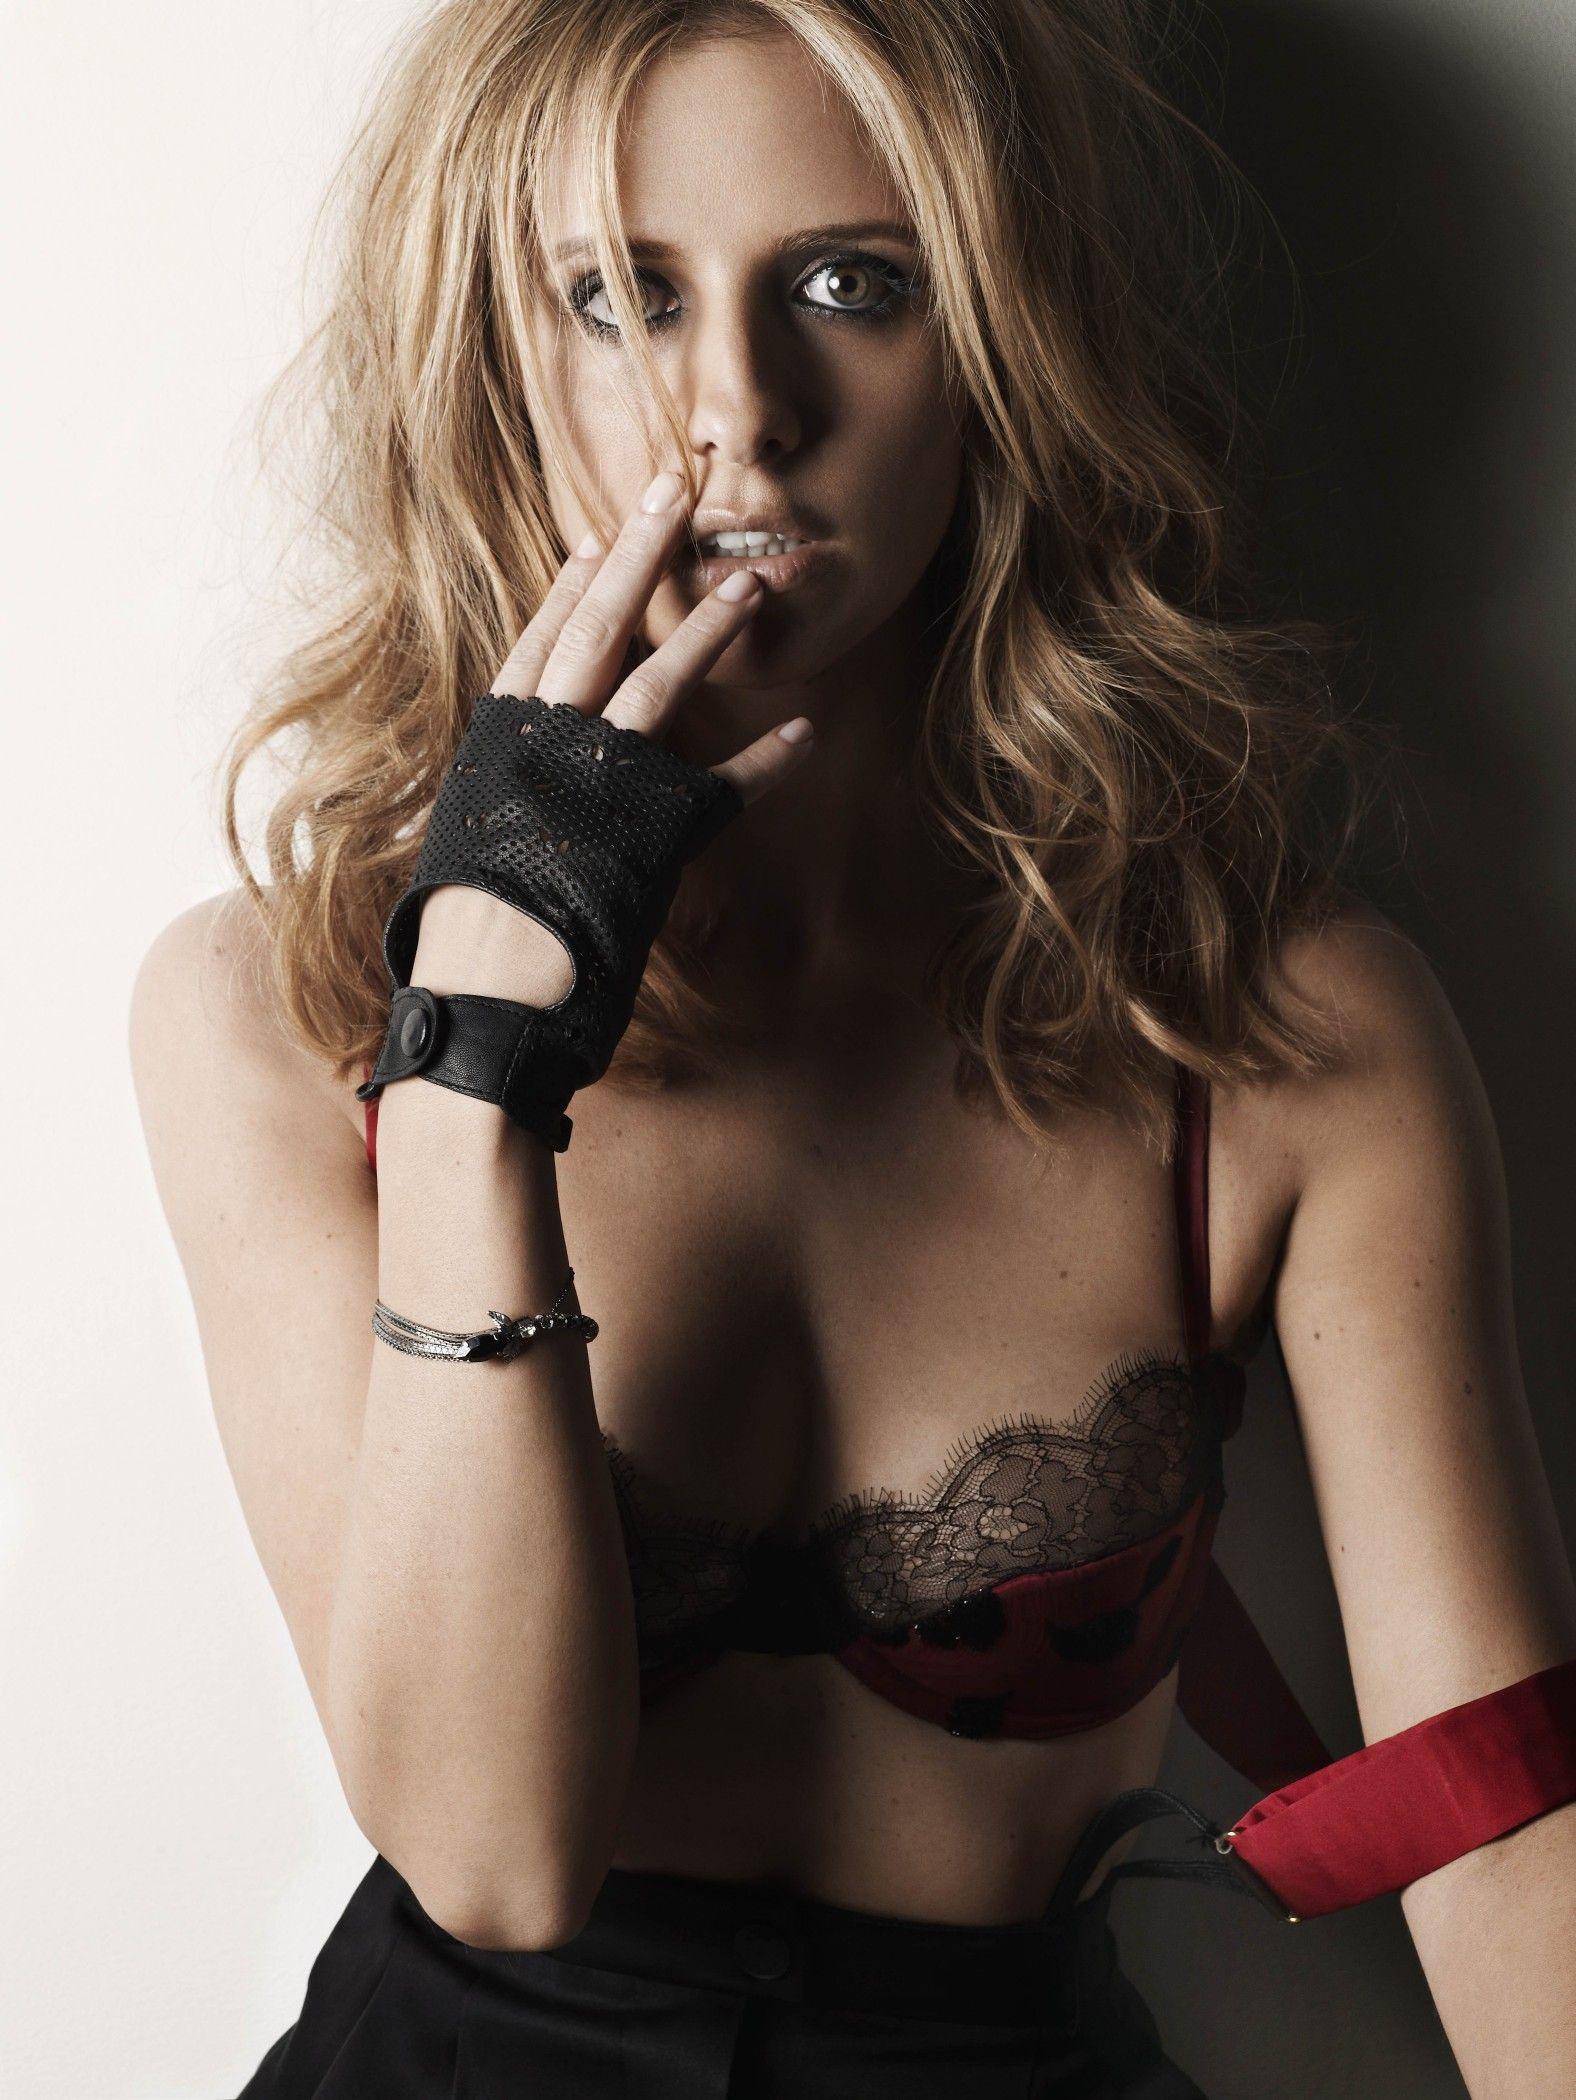 Actriz Porno Gaultier 60 best polarity images | celebrities, actresses, celebs